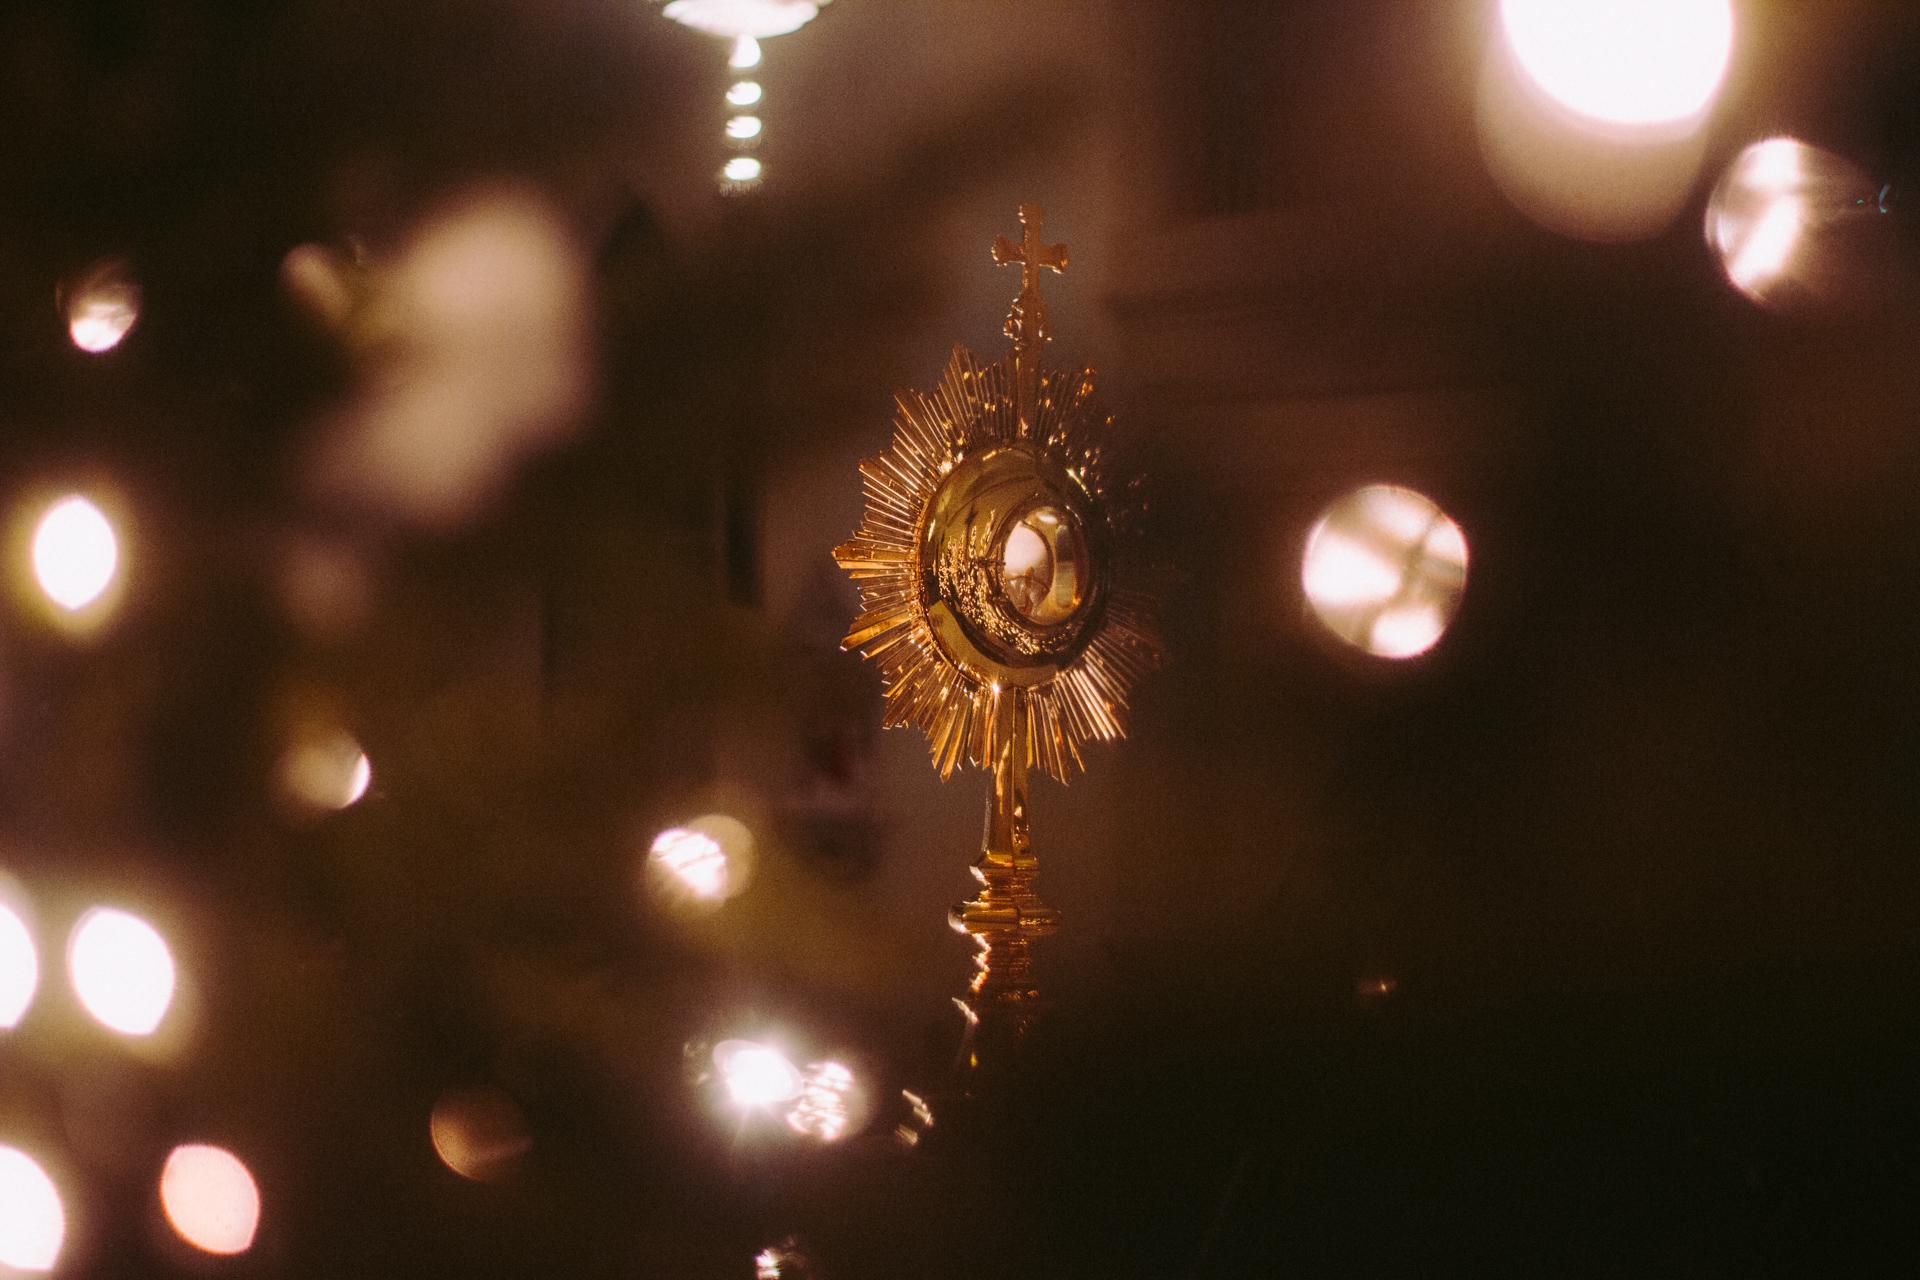 El Obispo de Palencia presidirá el próximo 26 de junio la misa por los agustinos fallecidos a causa del Covid-19.